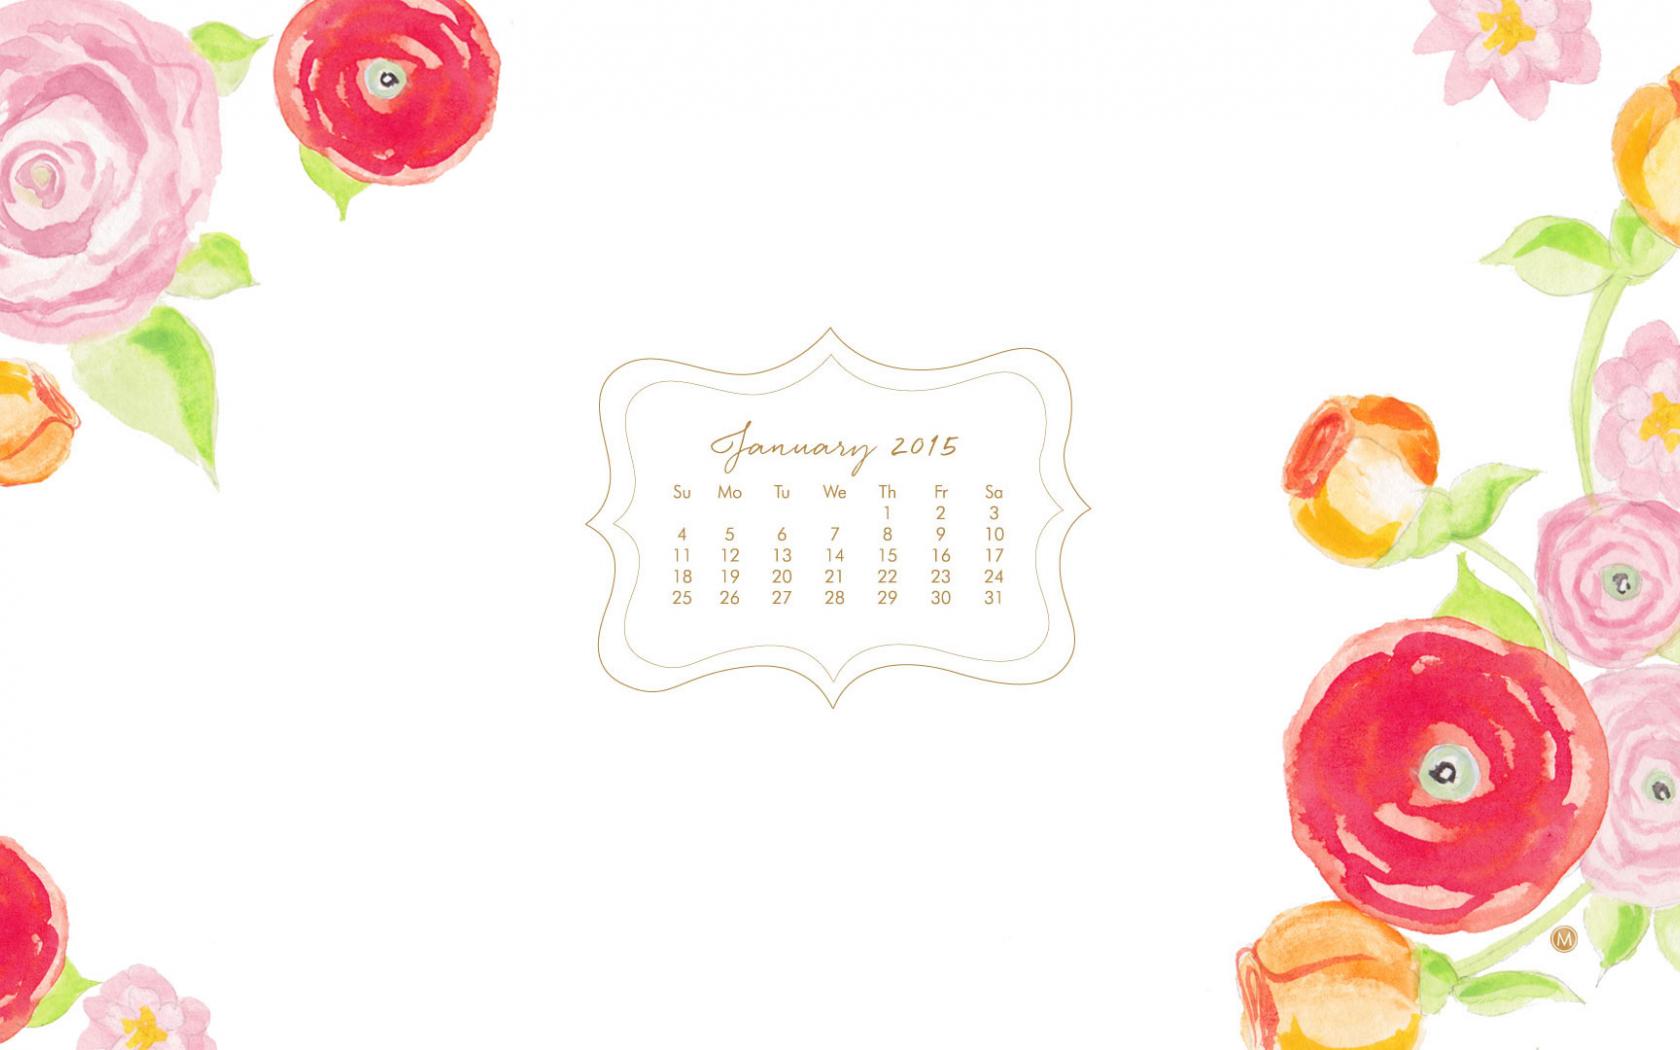 Free Download January Calendar Floral Watercolor Wallpaper